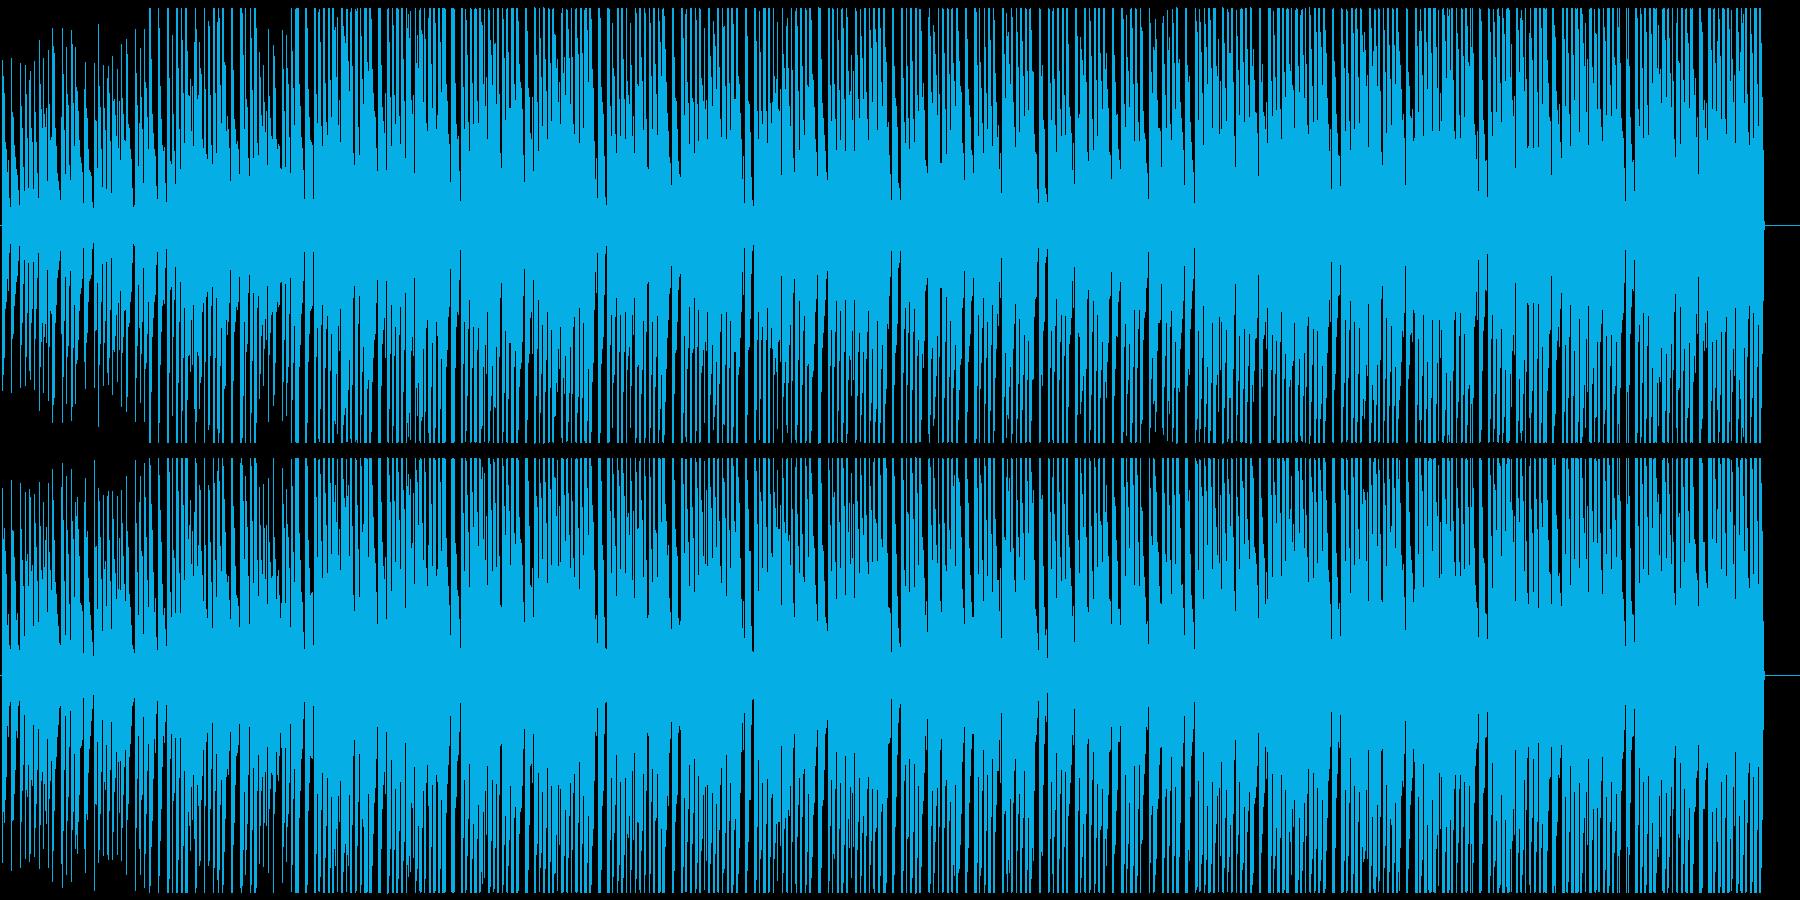 キラキラアフロビート トロピカルハウスの再生済みの波形